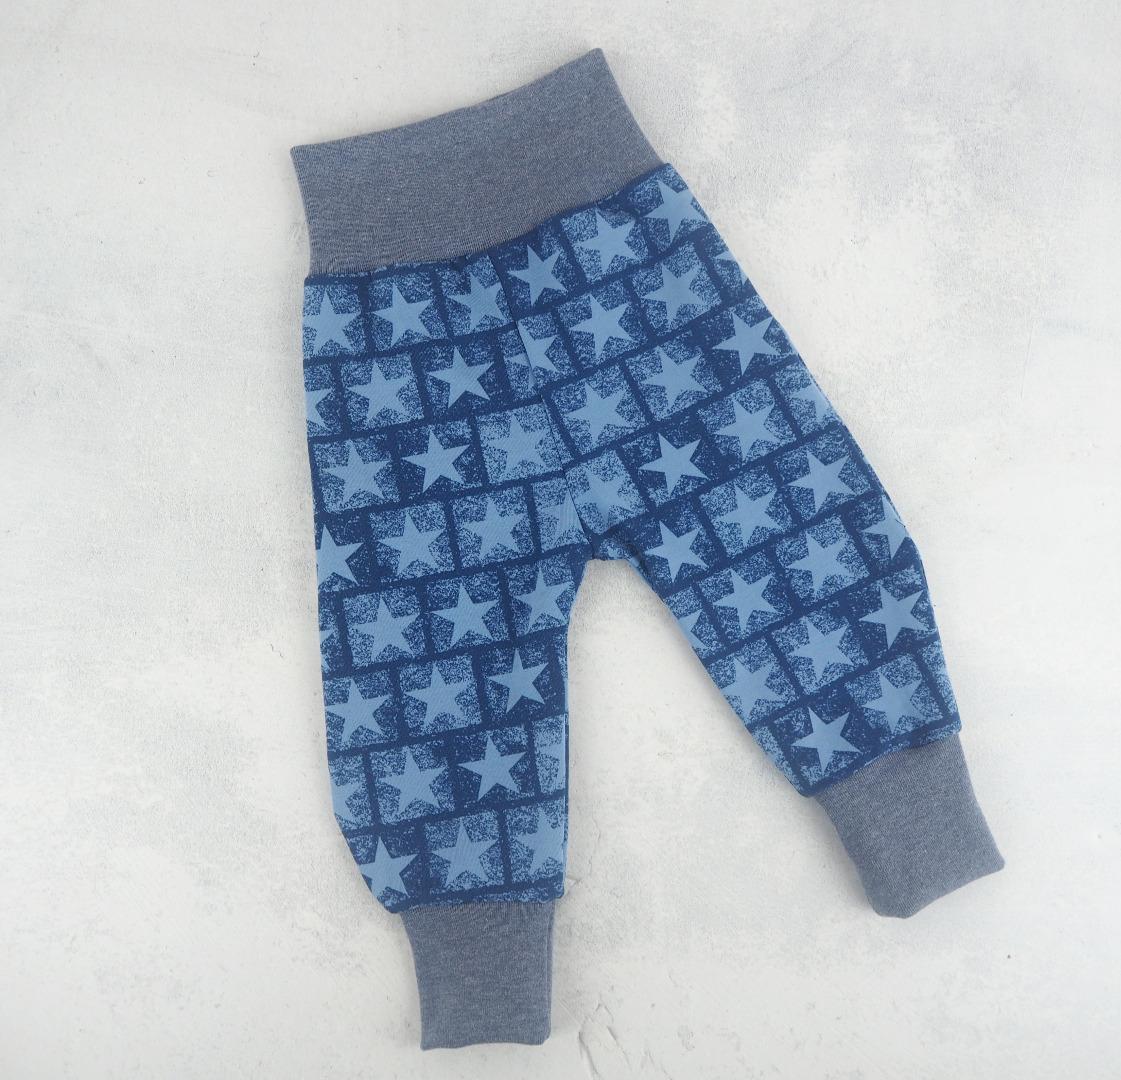 Pumphose Baby dunkelblau mit großen Sternen